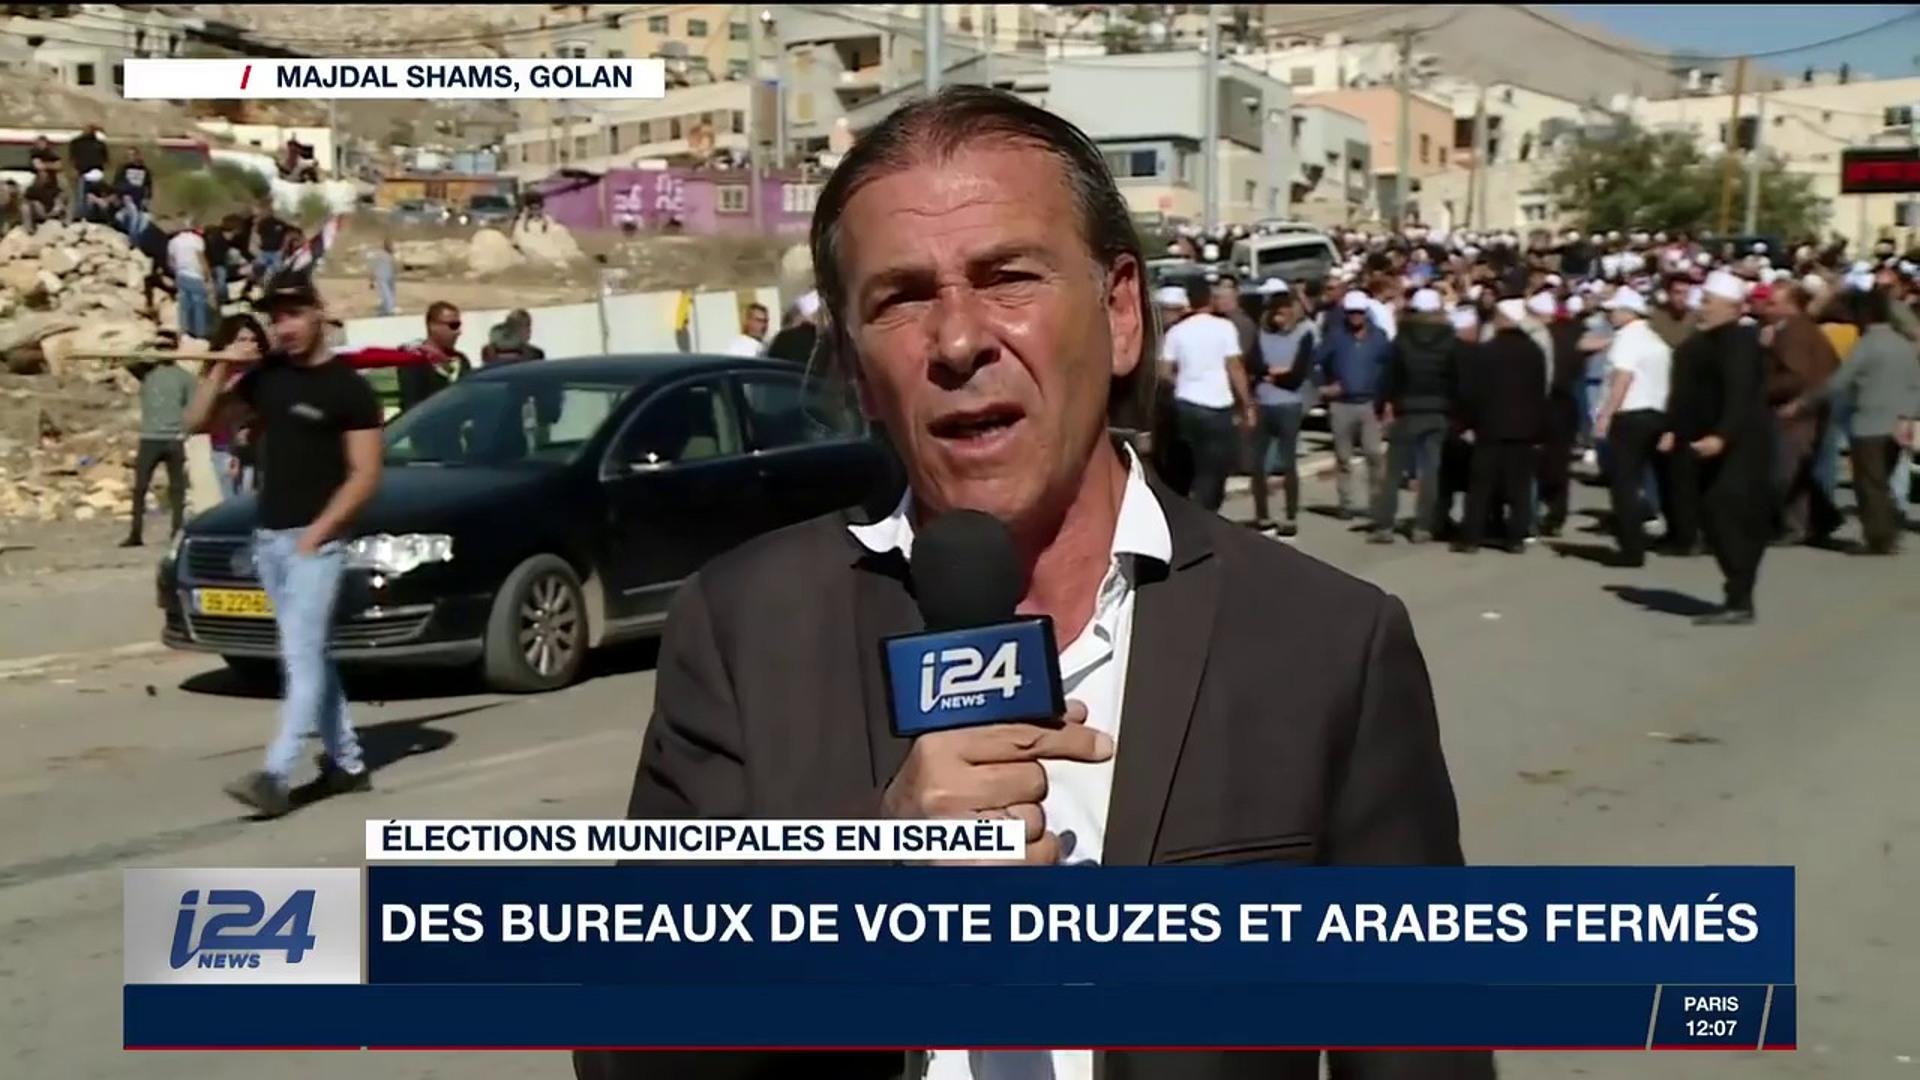 Elections municipales en israël des bureaux de vote druzes et